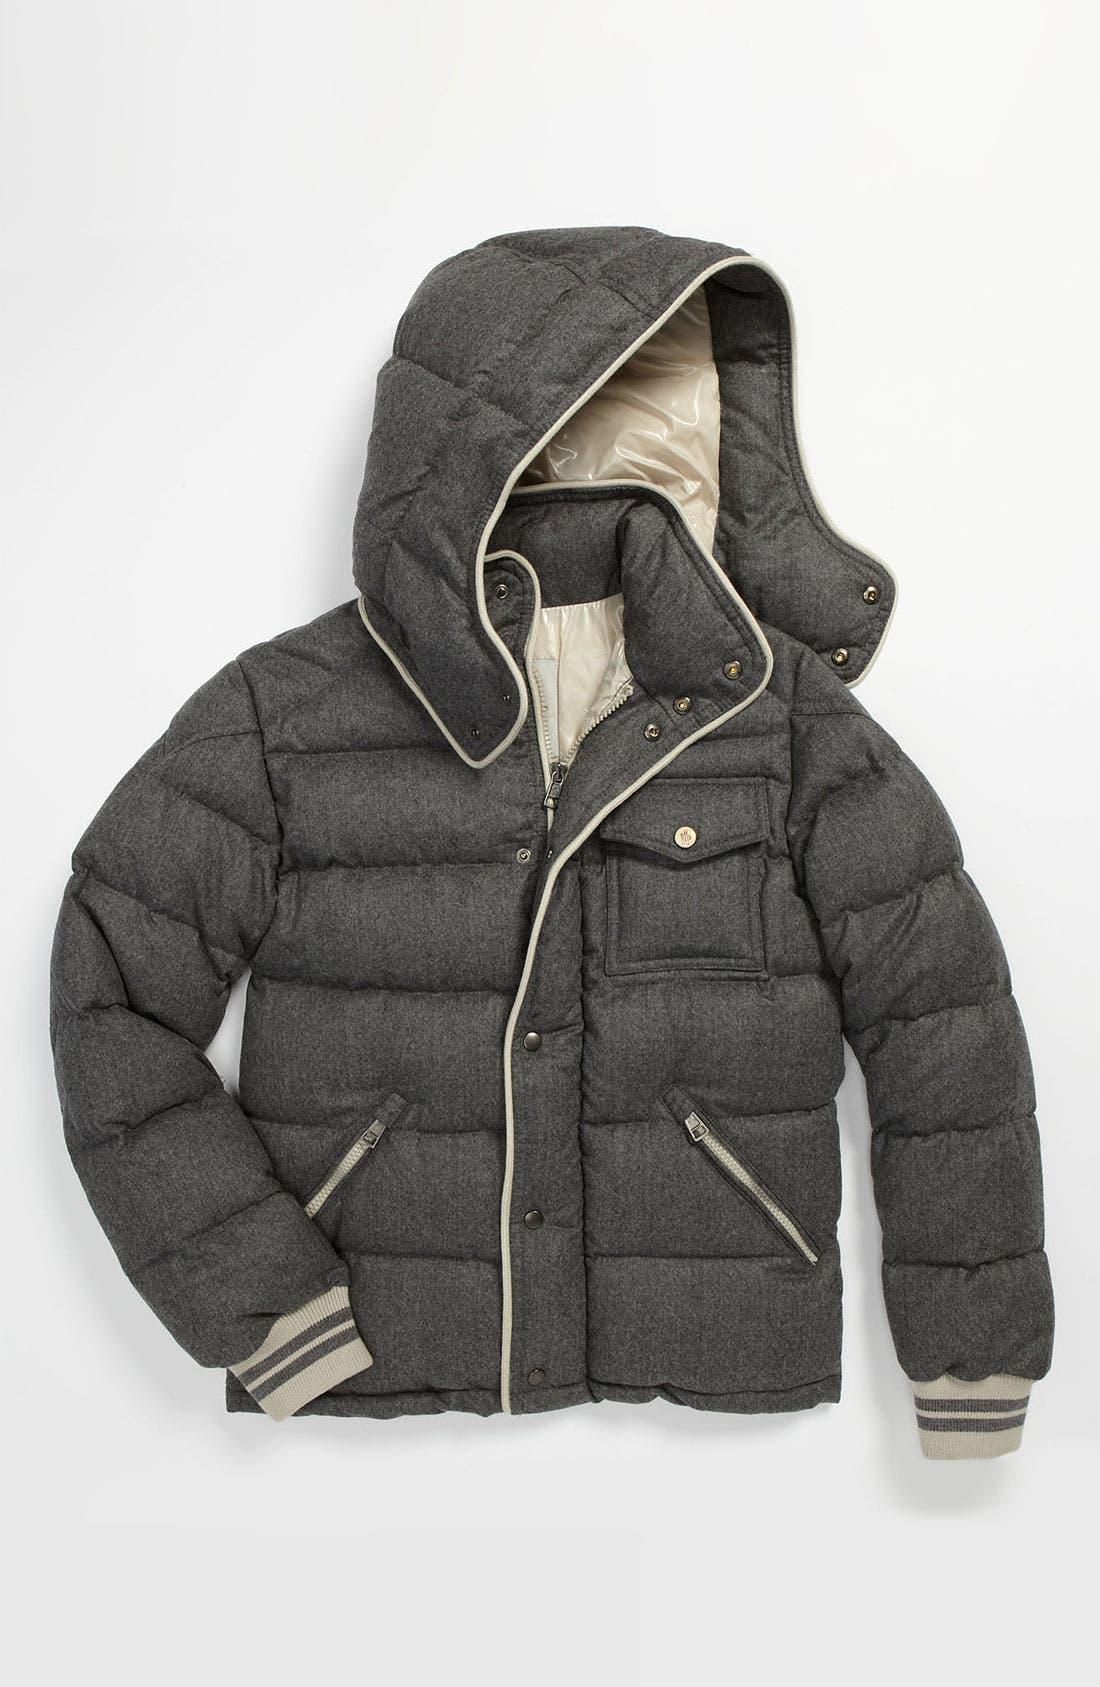 Main Image - Moncler 'Rhin' Wool Puffer Jacket (Big Boys)